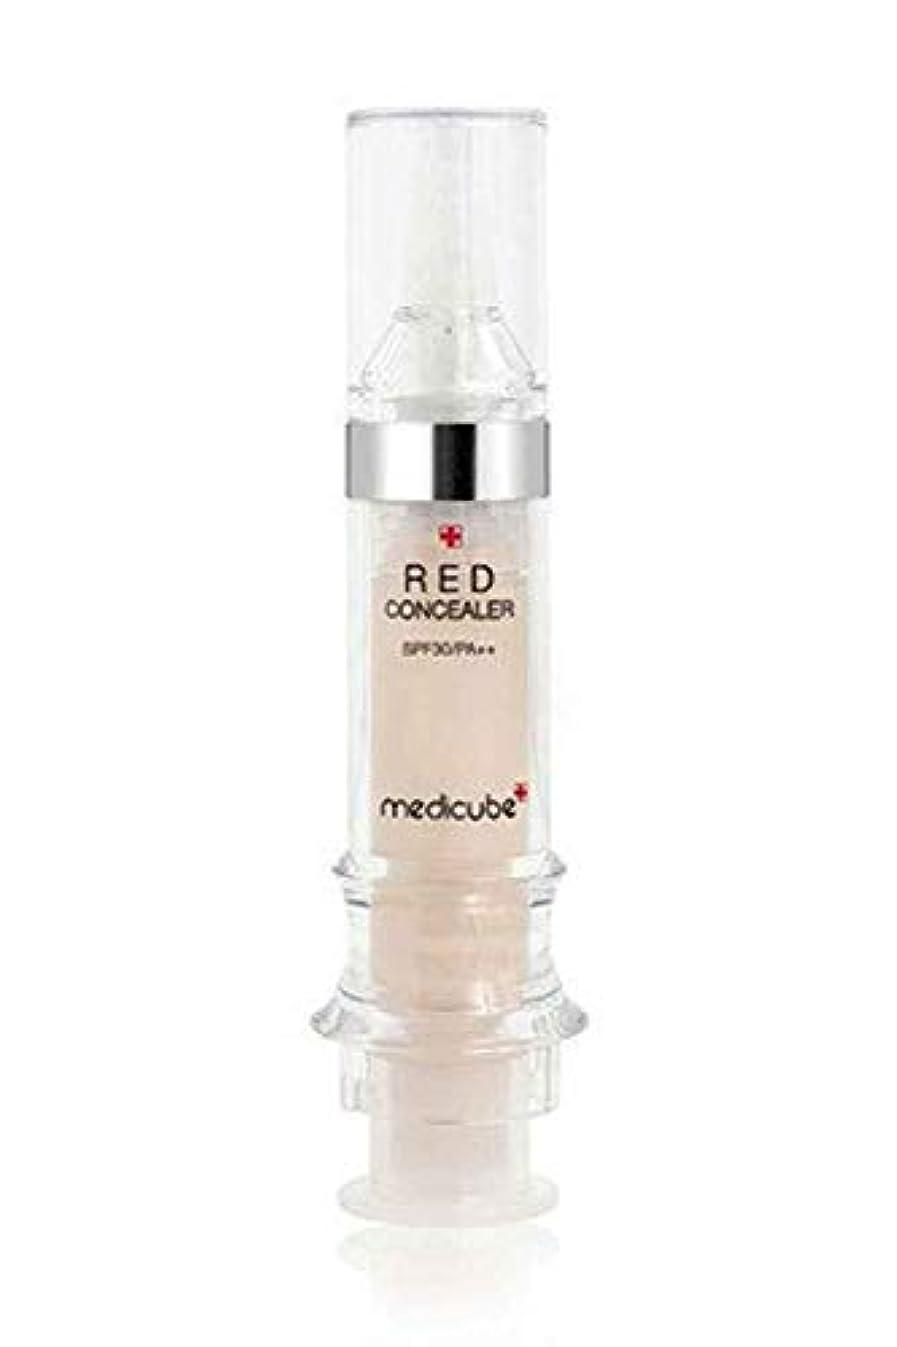 腰ホームレス神秘的なメディキューブ【Medicube】Red Red Concealer 5.5ml メディキューブ レッドコンシーラー [並行輸入品] (#21)